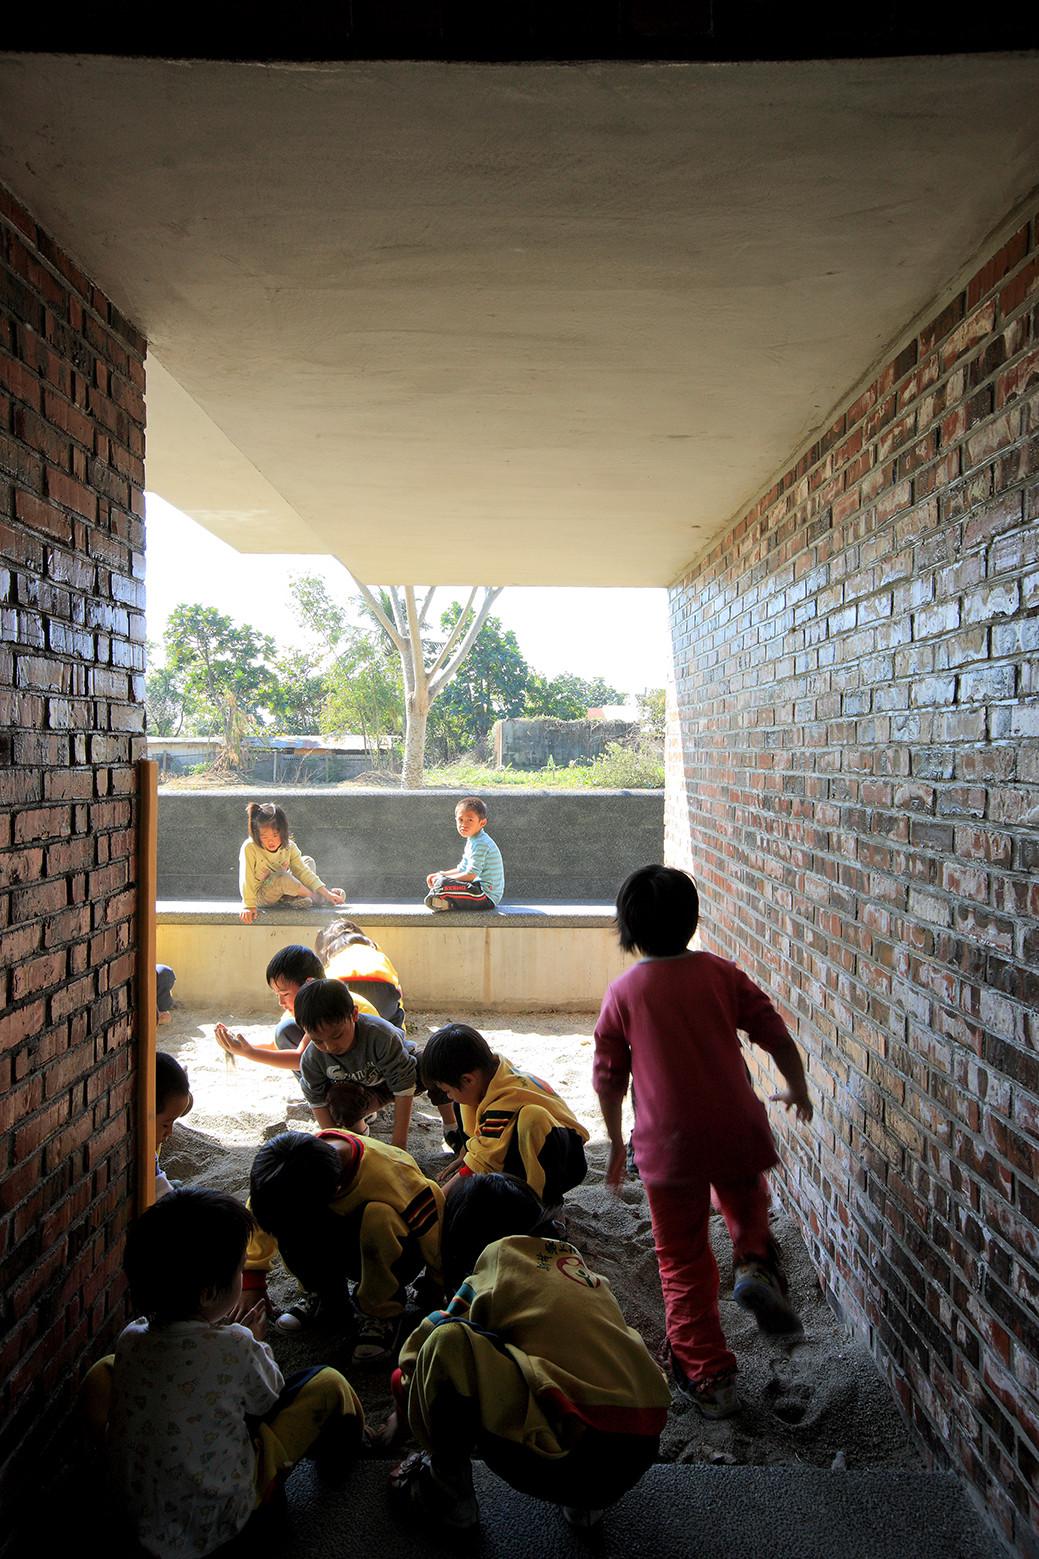 Galer a de jard n infantil para ni os ind genas wang pe for Jardin infantil serrano 78